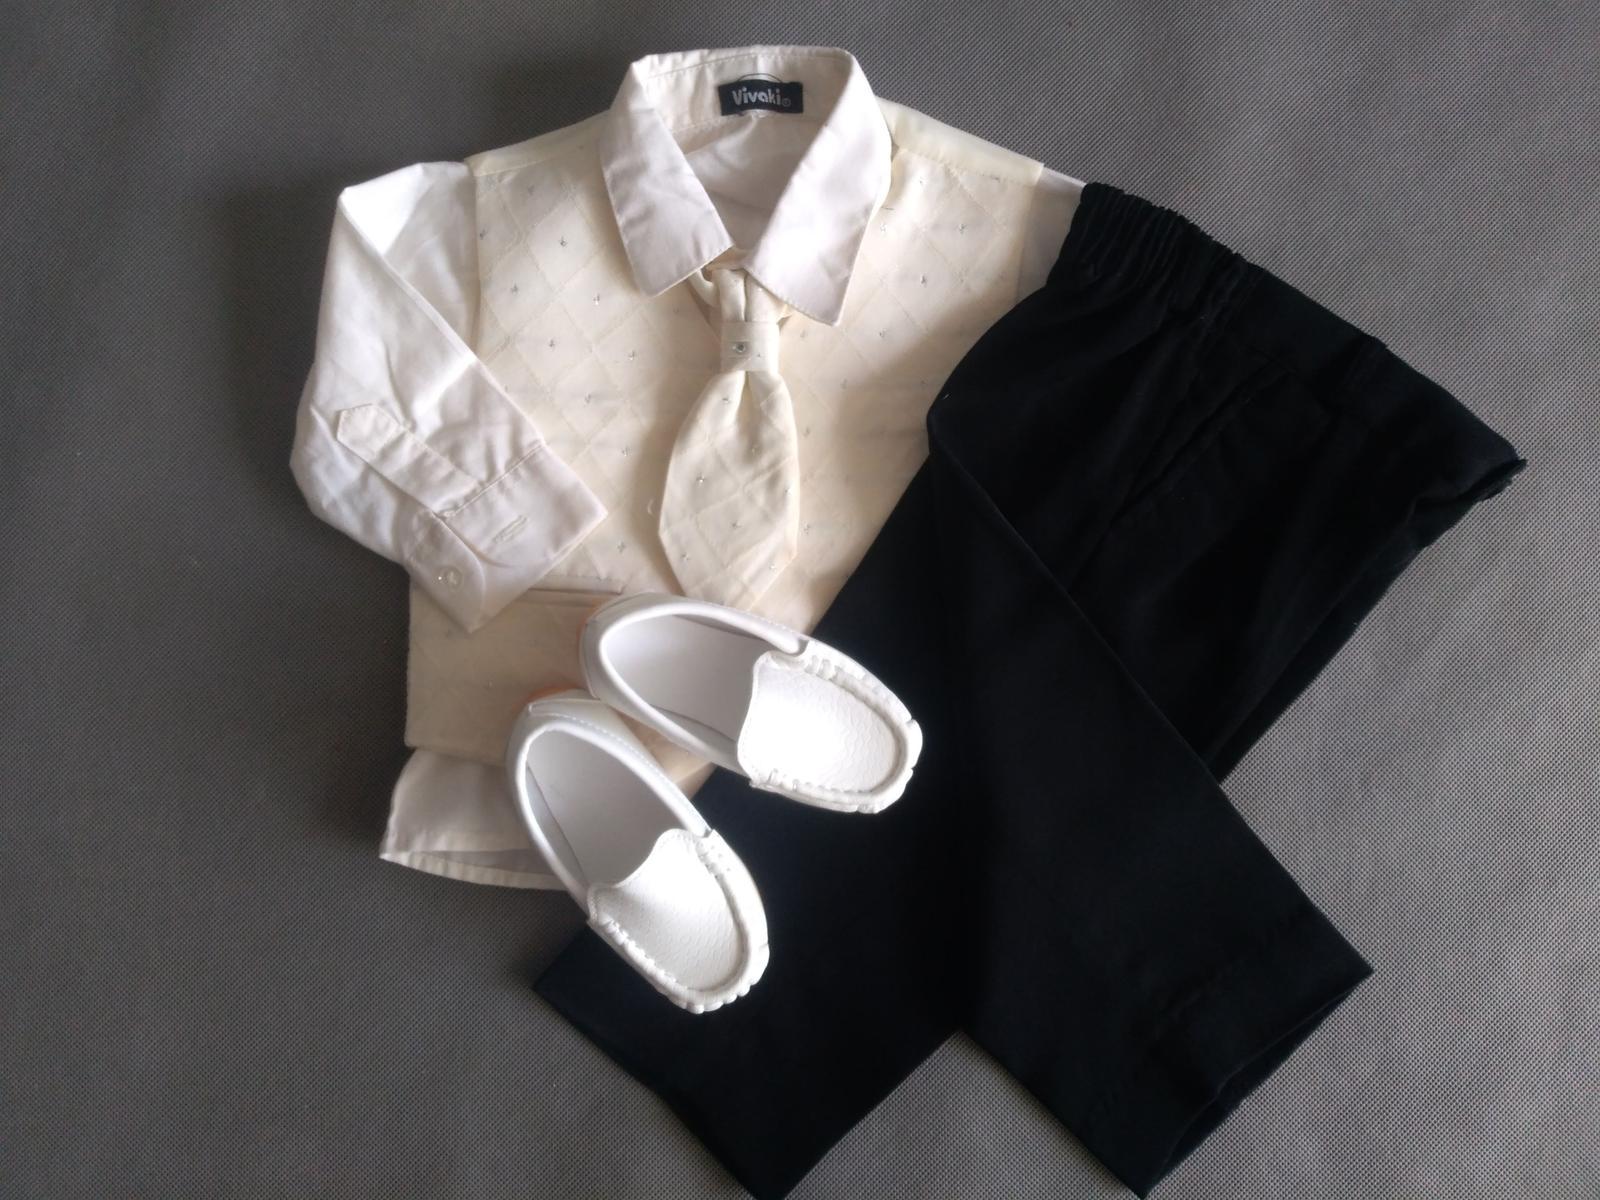 SKLADEM - k zapůjčení ivory oblek 9-12 měsíců - Obrázek č. 4